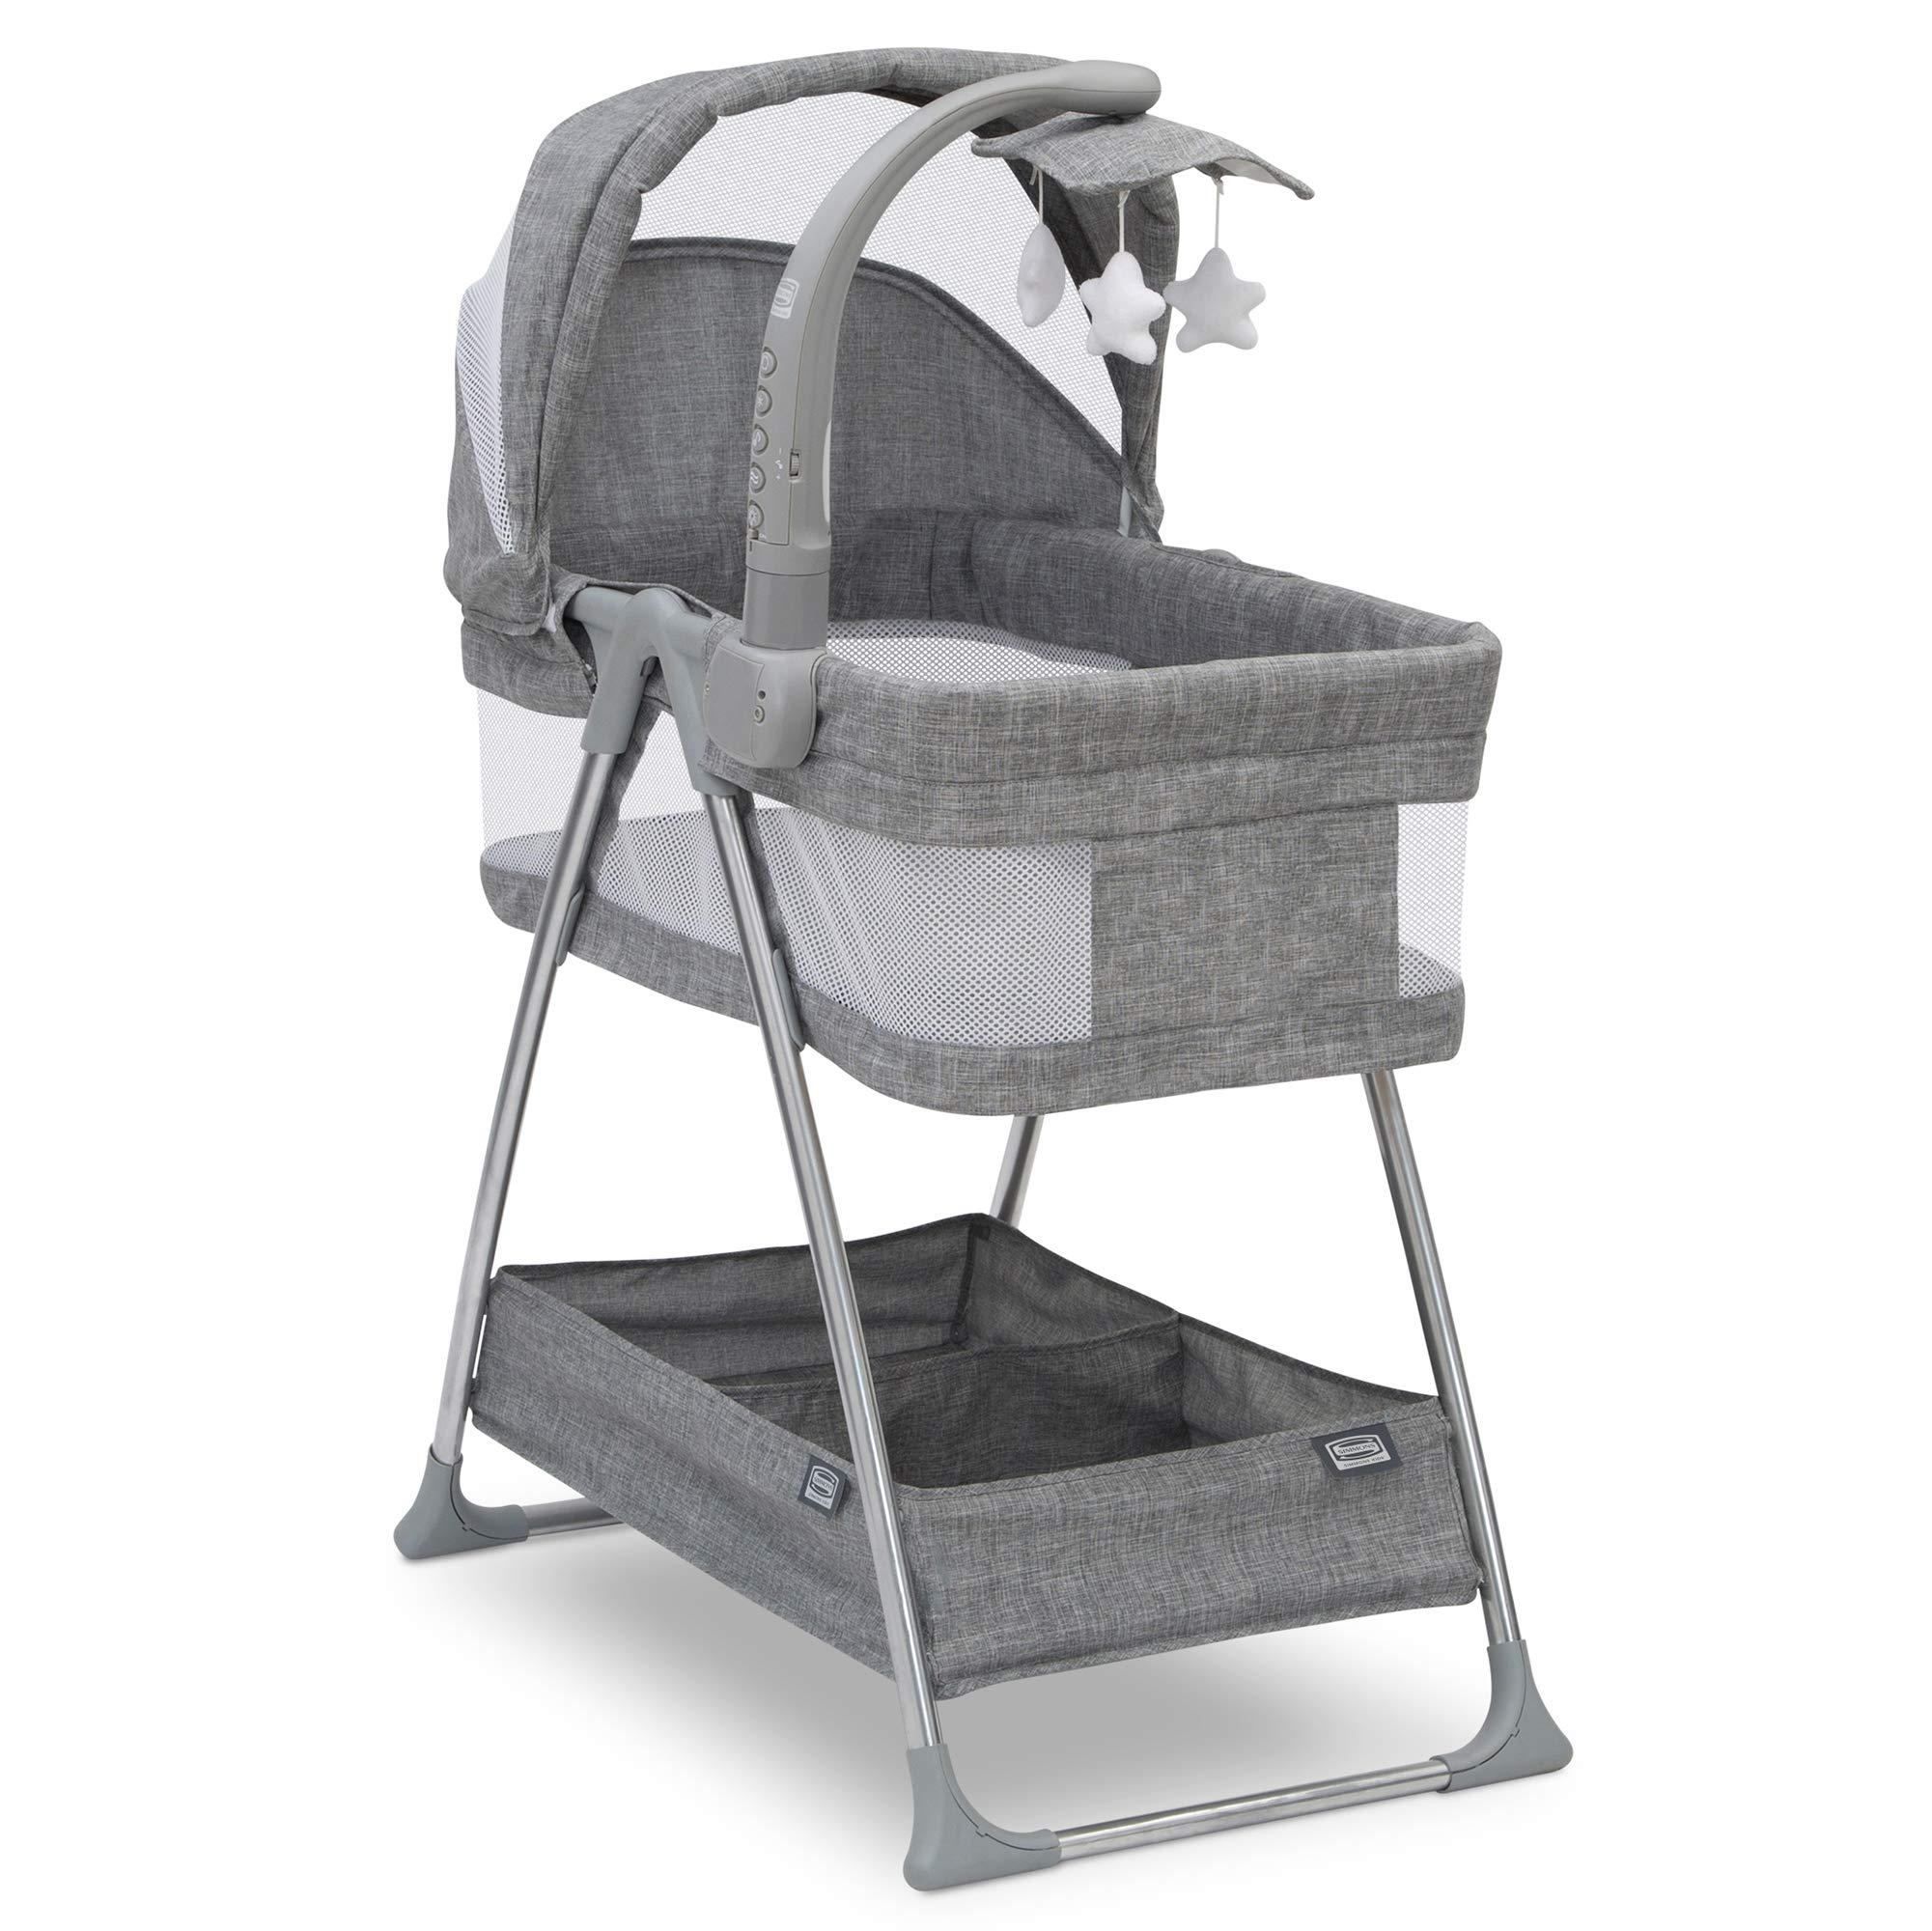 Simmons Kids City Sleeper Bassinet, Grey Tweed